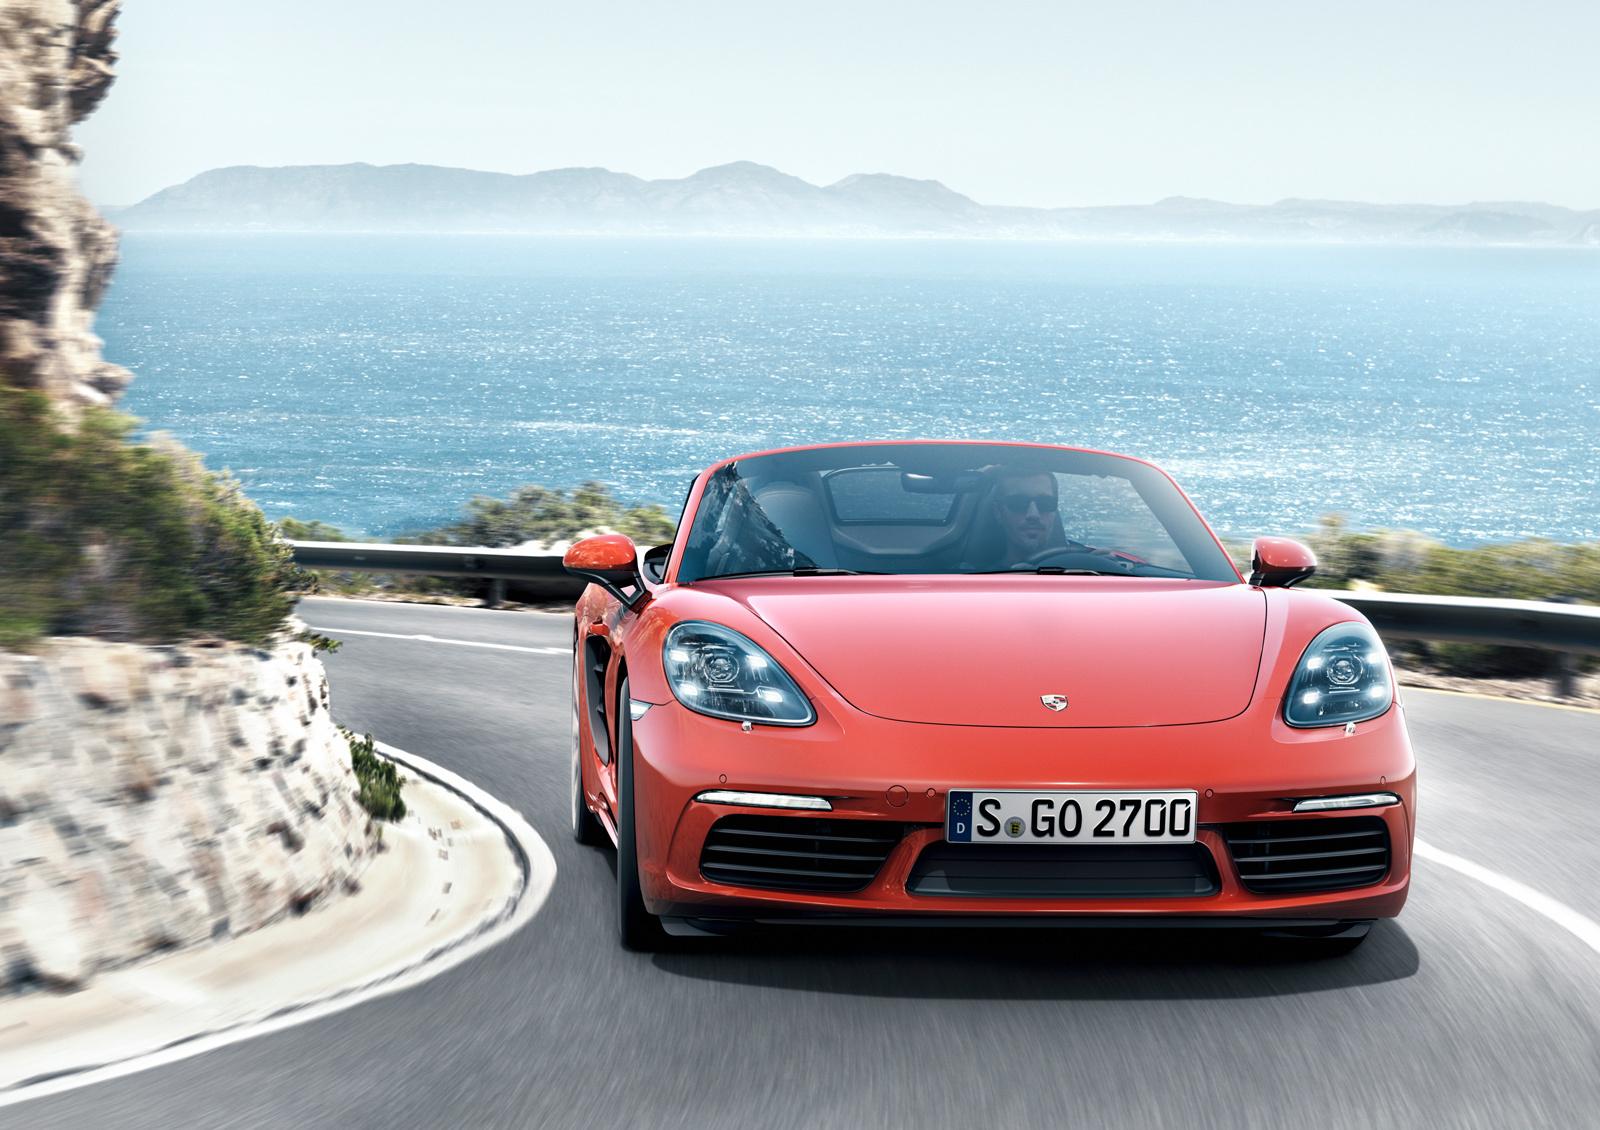 Porsche 718 Boxster Wallpapers HD